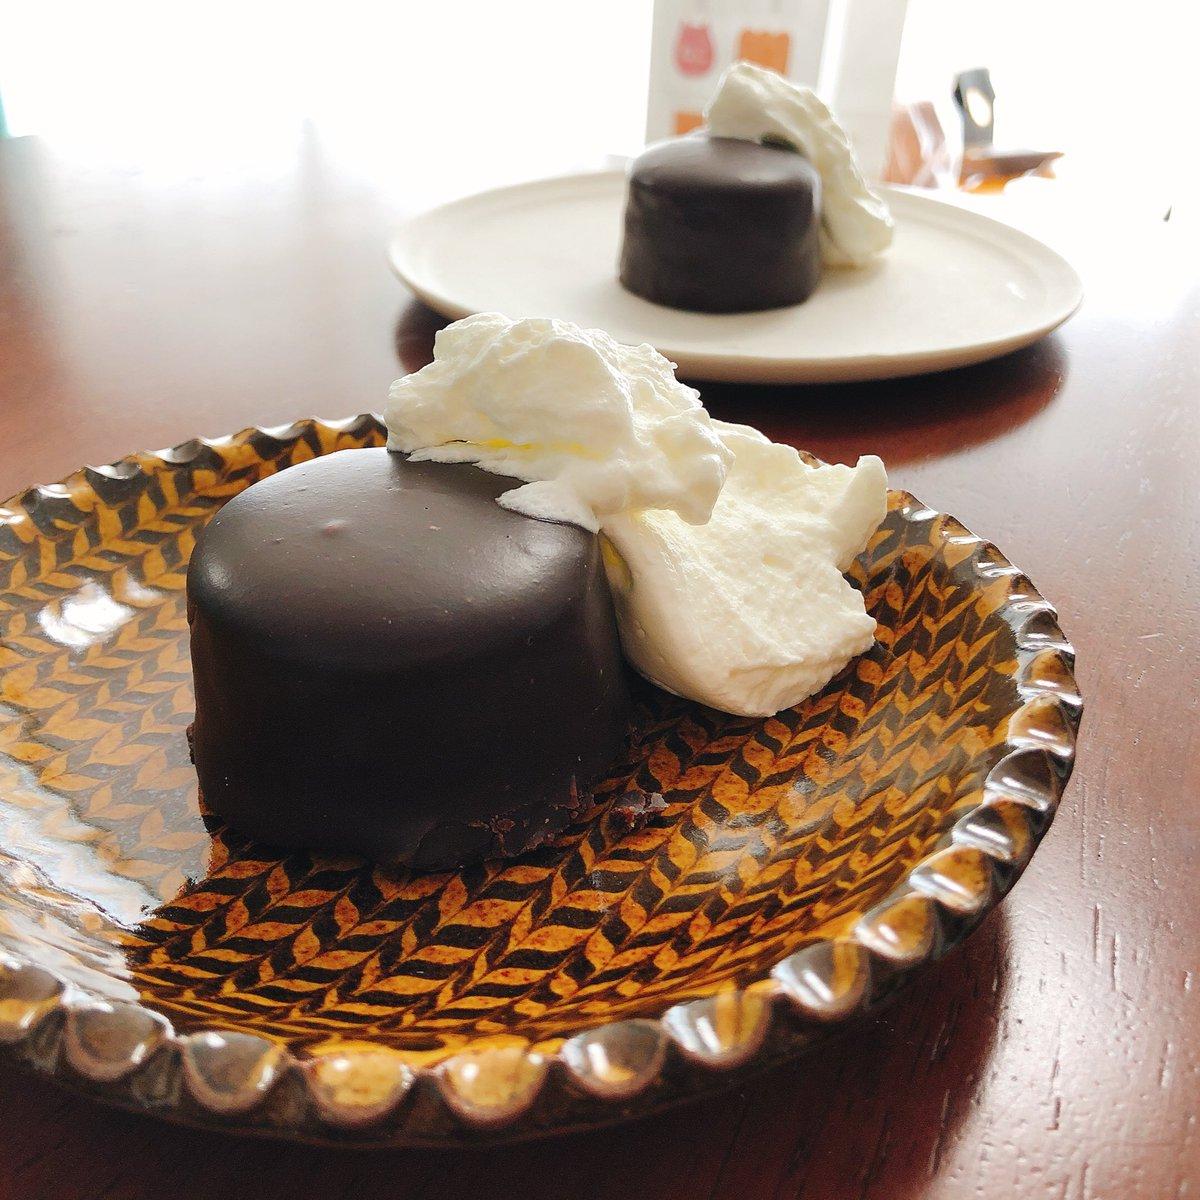 test ツイッターメディア - ザッハトルテ、外側のチョコとジャムの部分がザクザクでおいしいぃぃ。デメルも美味しかったけどこっちが好き。復活ありがとう‼︎ https://t.co/kVfAZaiORY